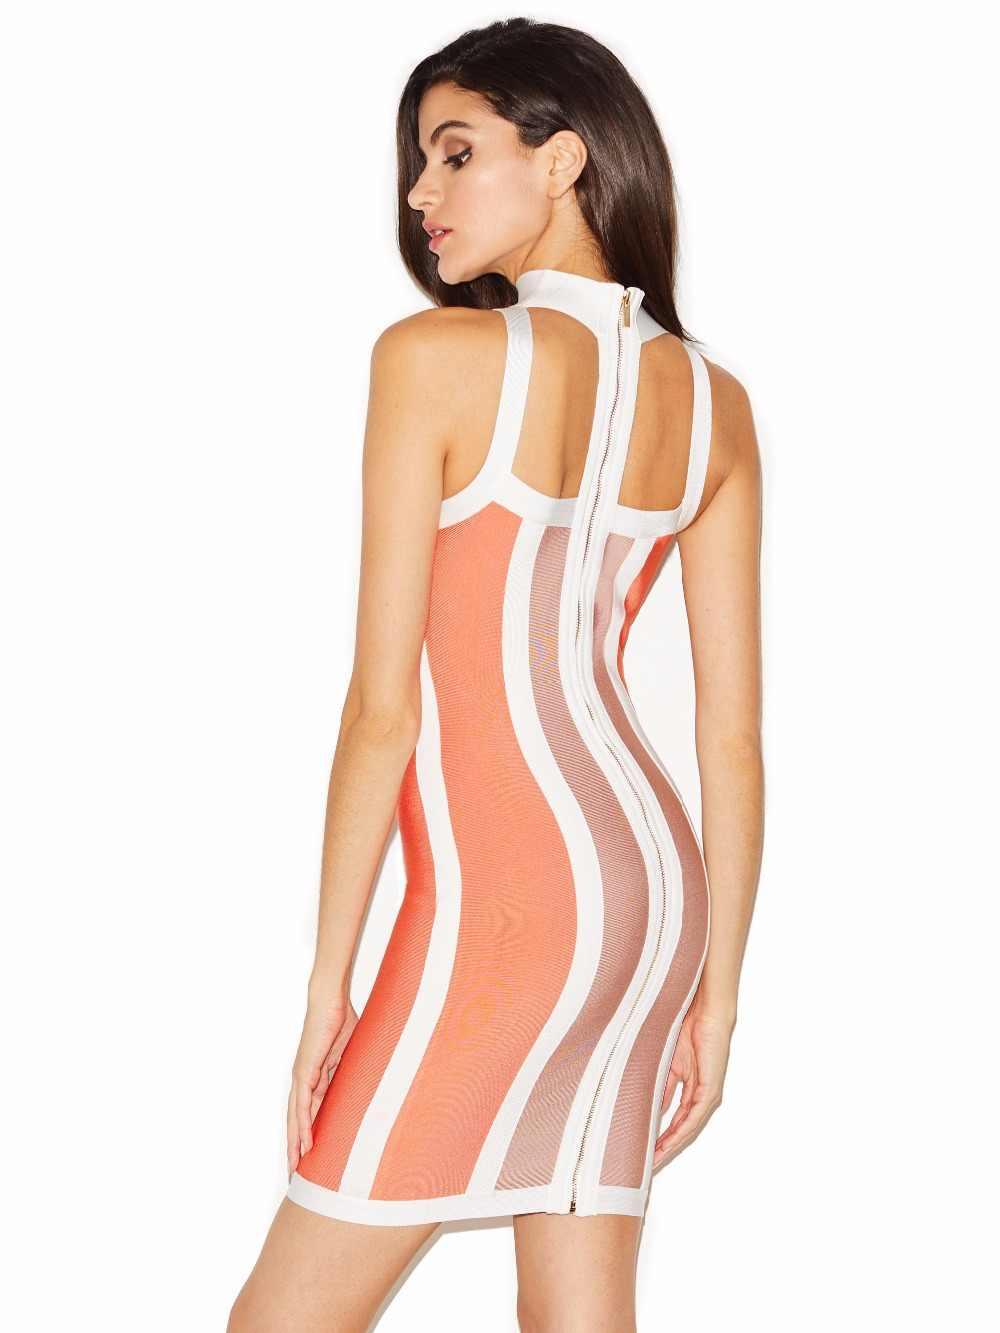 Лоскутное короткое Бандажное платье Choker Neck Dress в полоску Цвет заблокирован вечерние Bodycon Для женщин Vestidos FH13